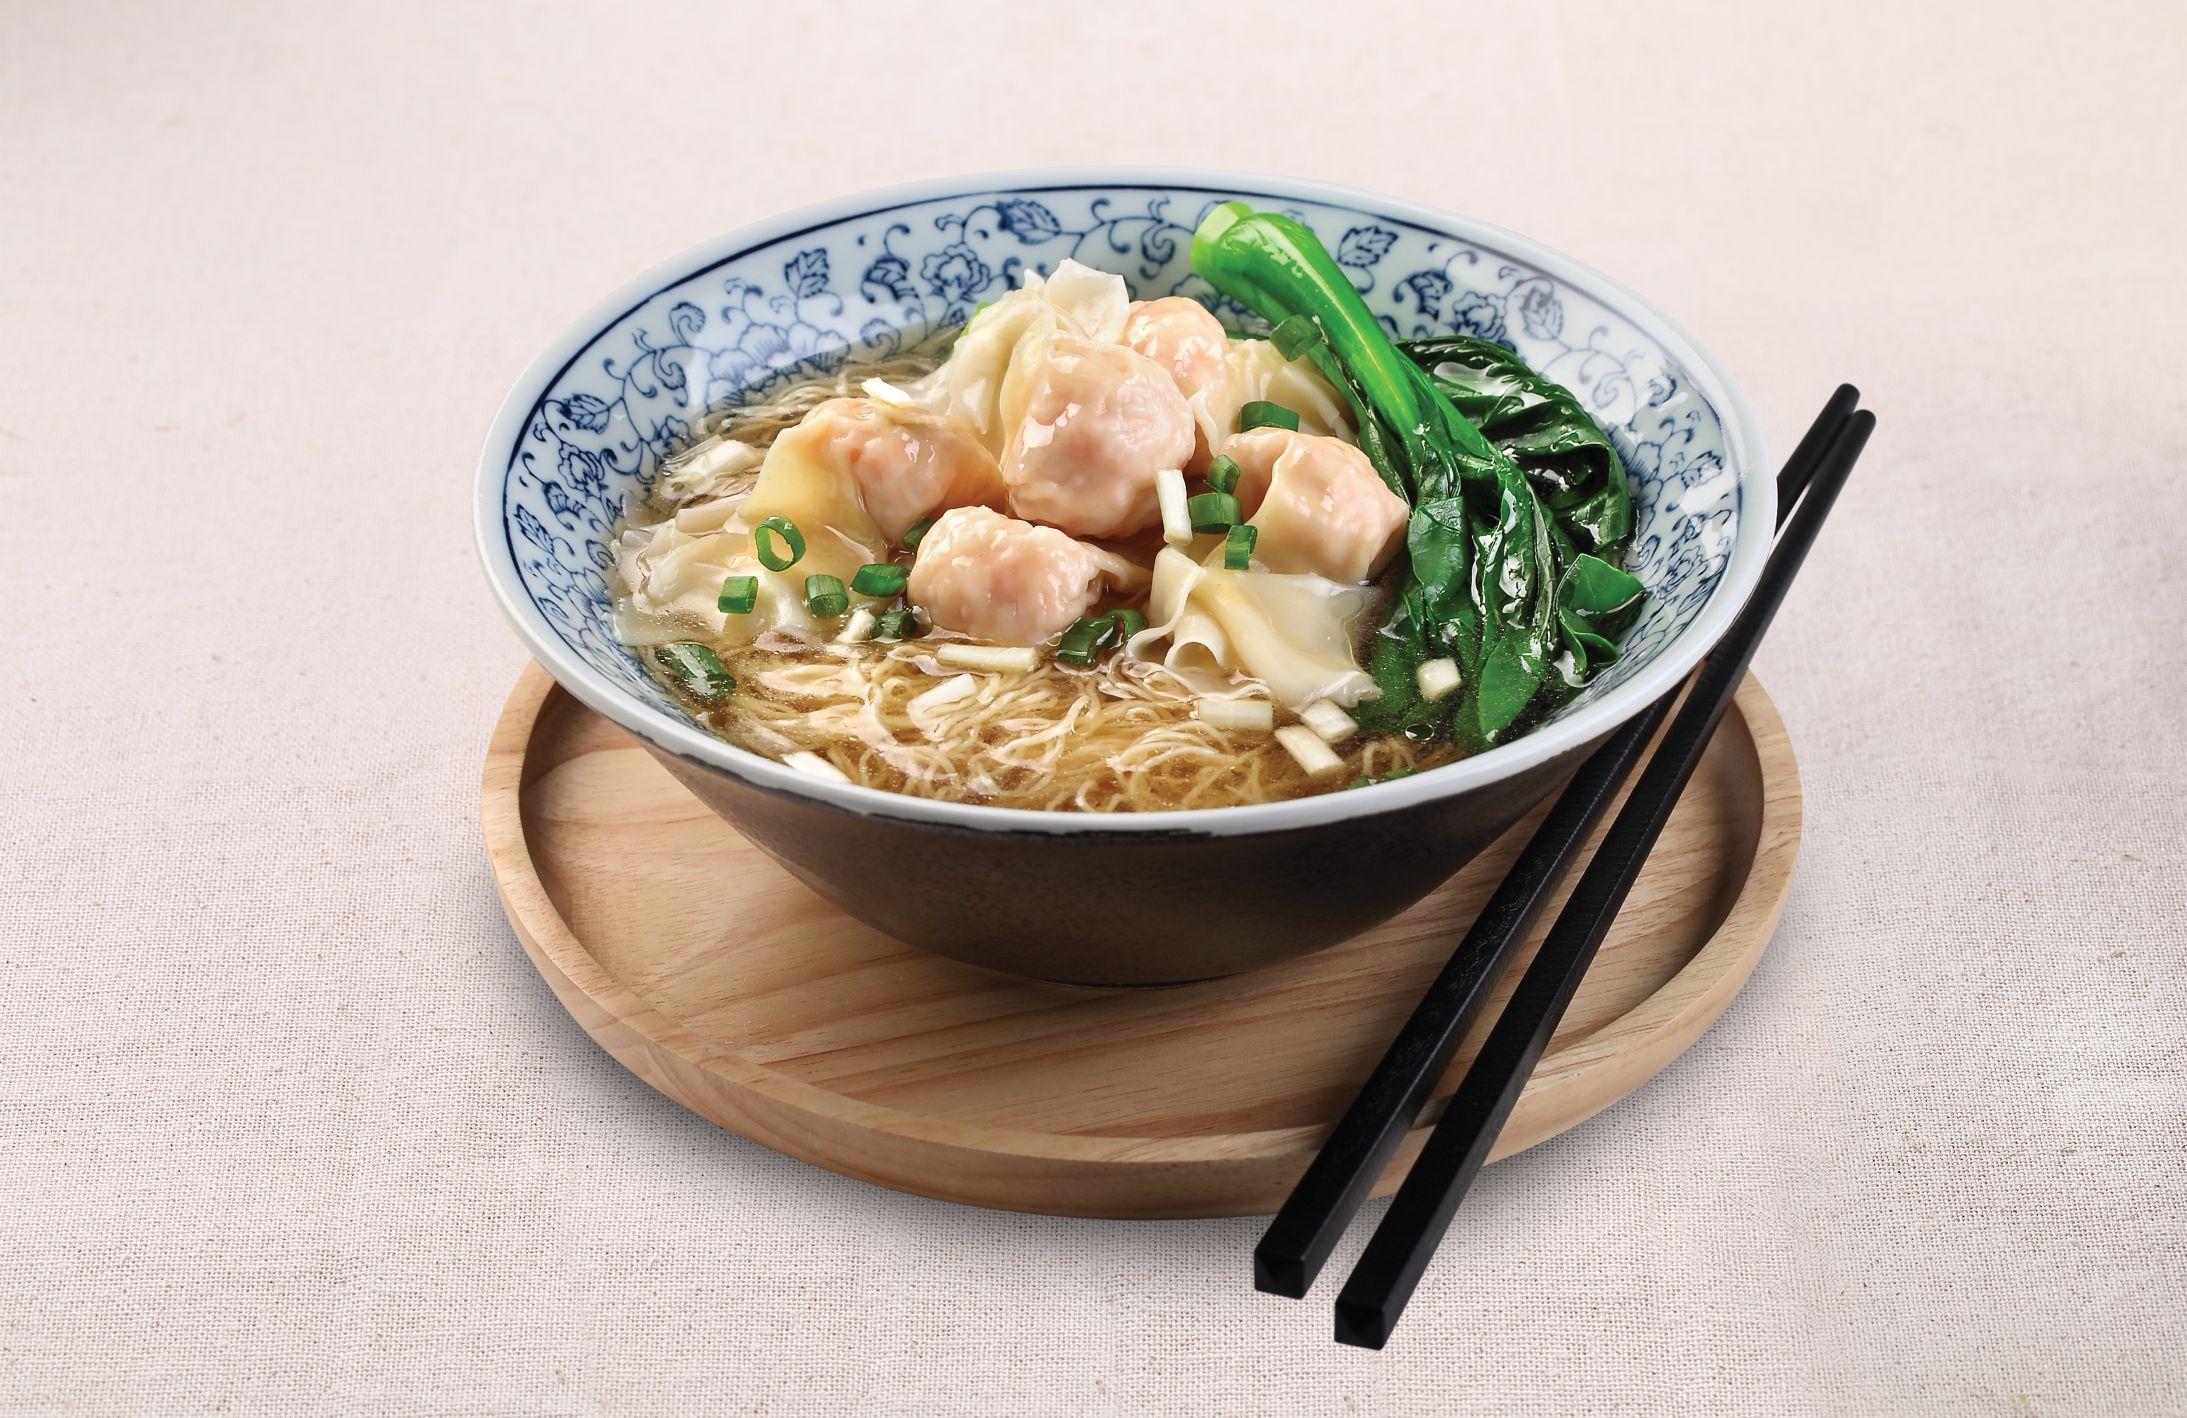 1 x Signature HK Wanton Noodle (Soup/Dry) [Exclusive Deal]